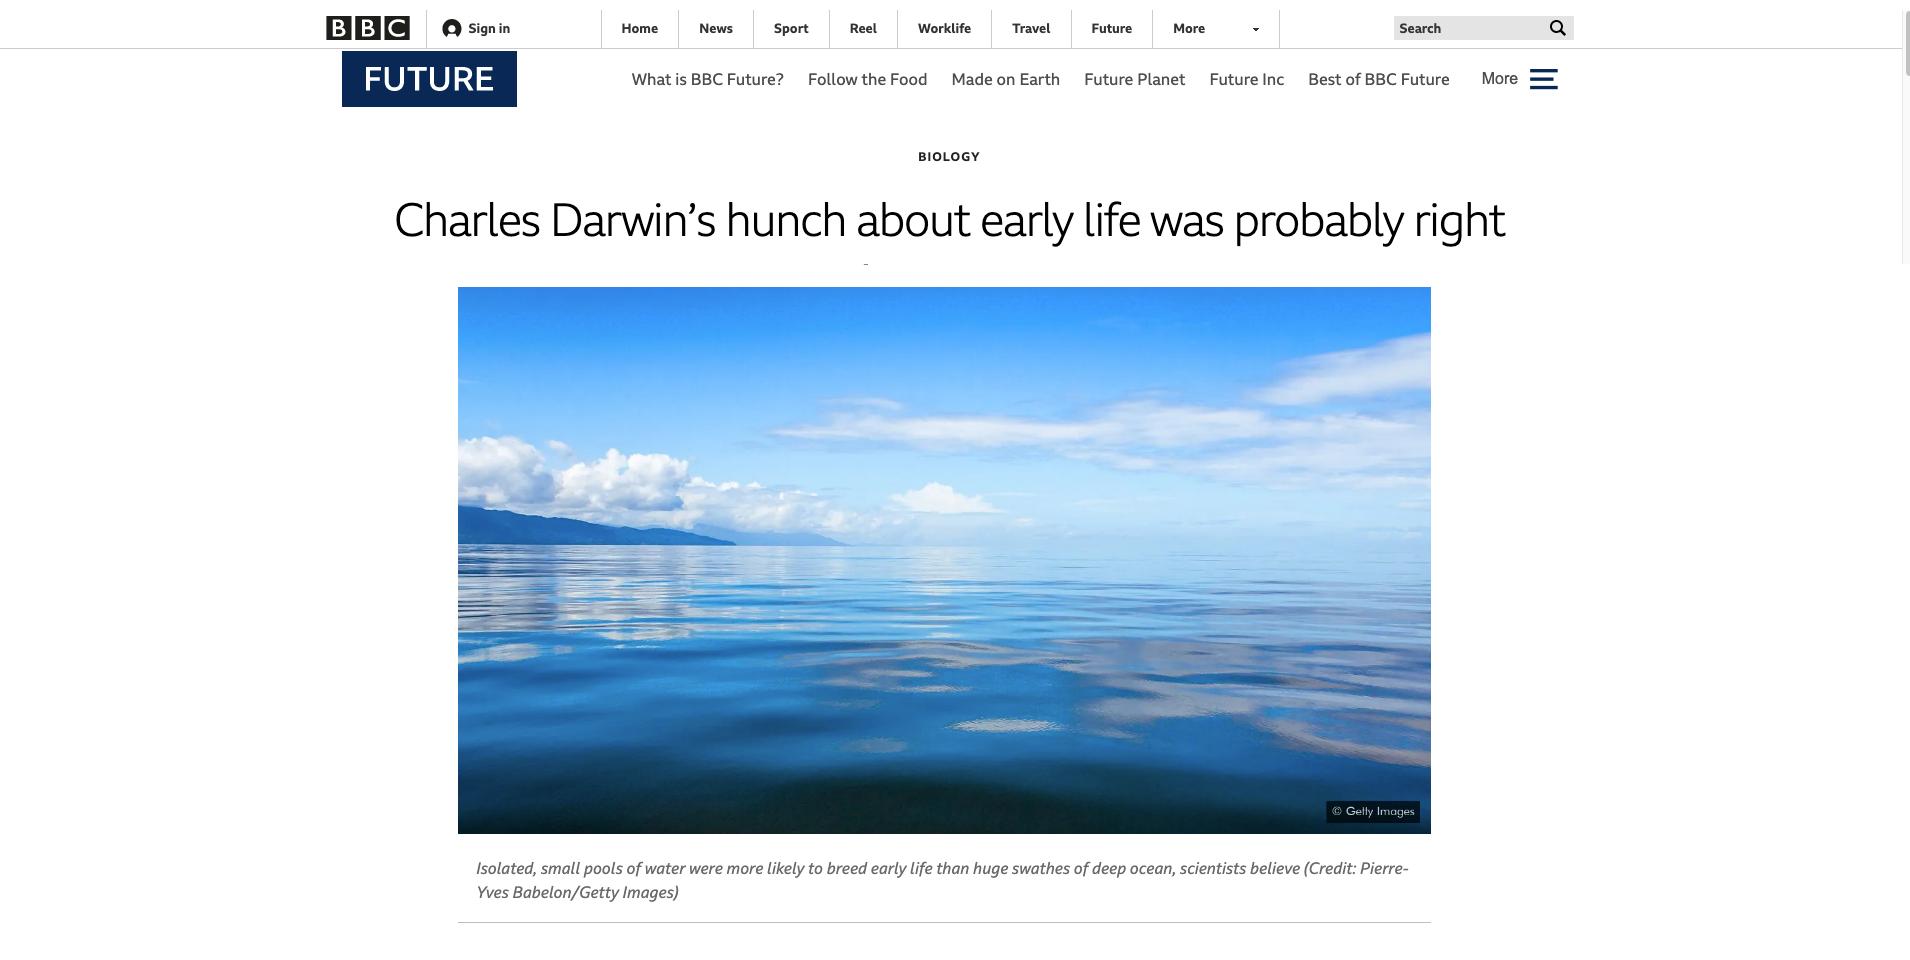 BBC Future - L'intuition de Charles Darwin au sujet de la jeunesse était probablement juste